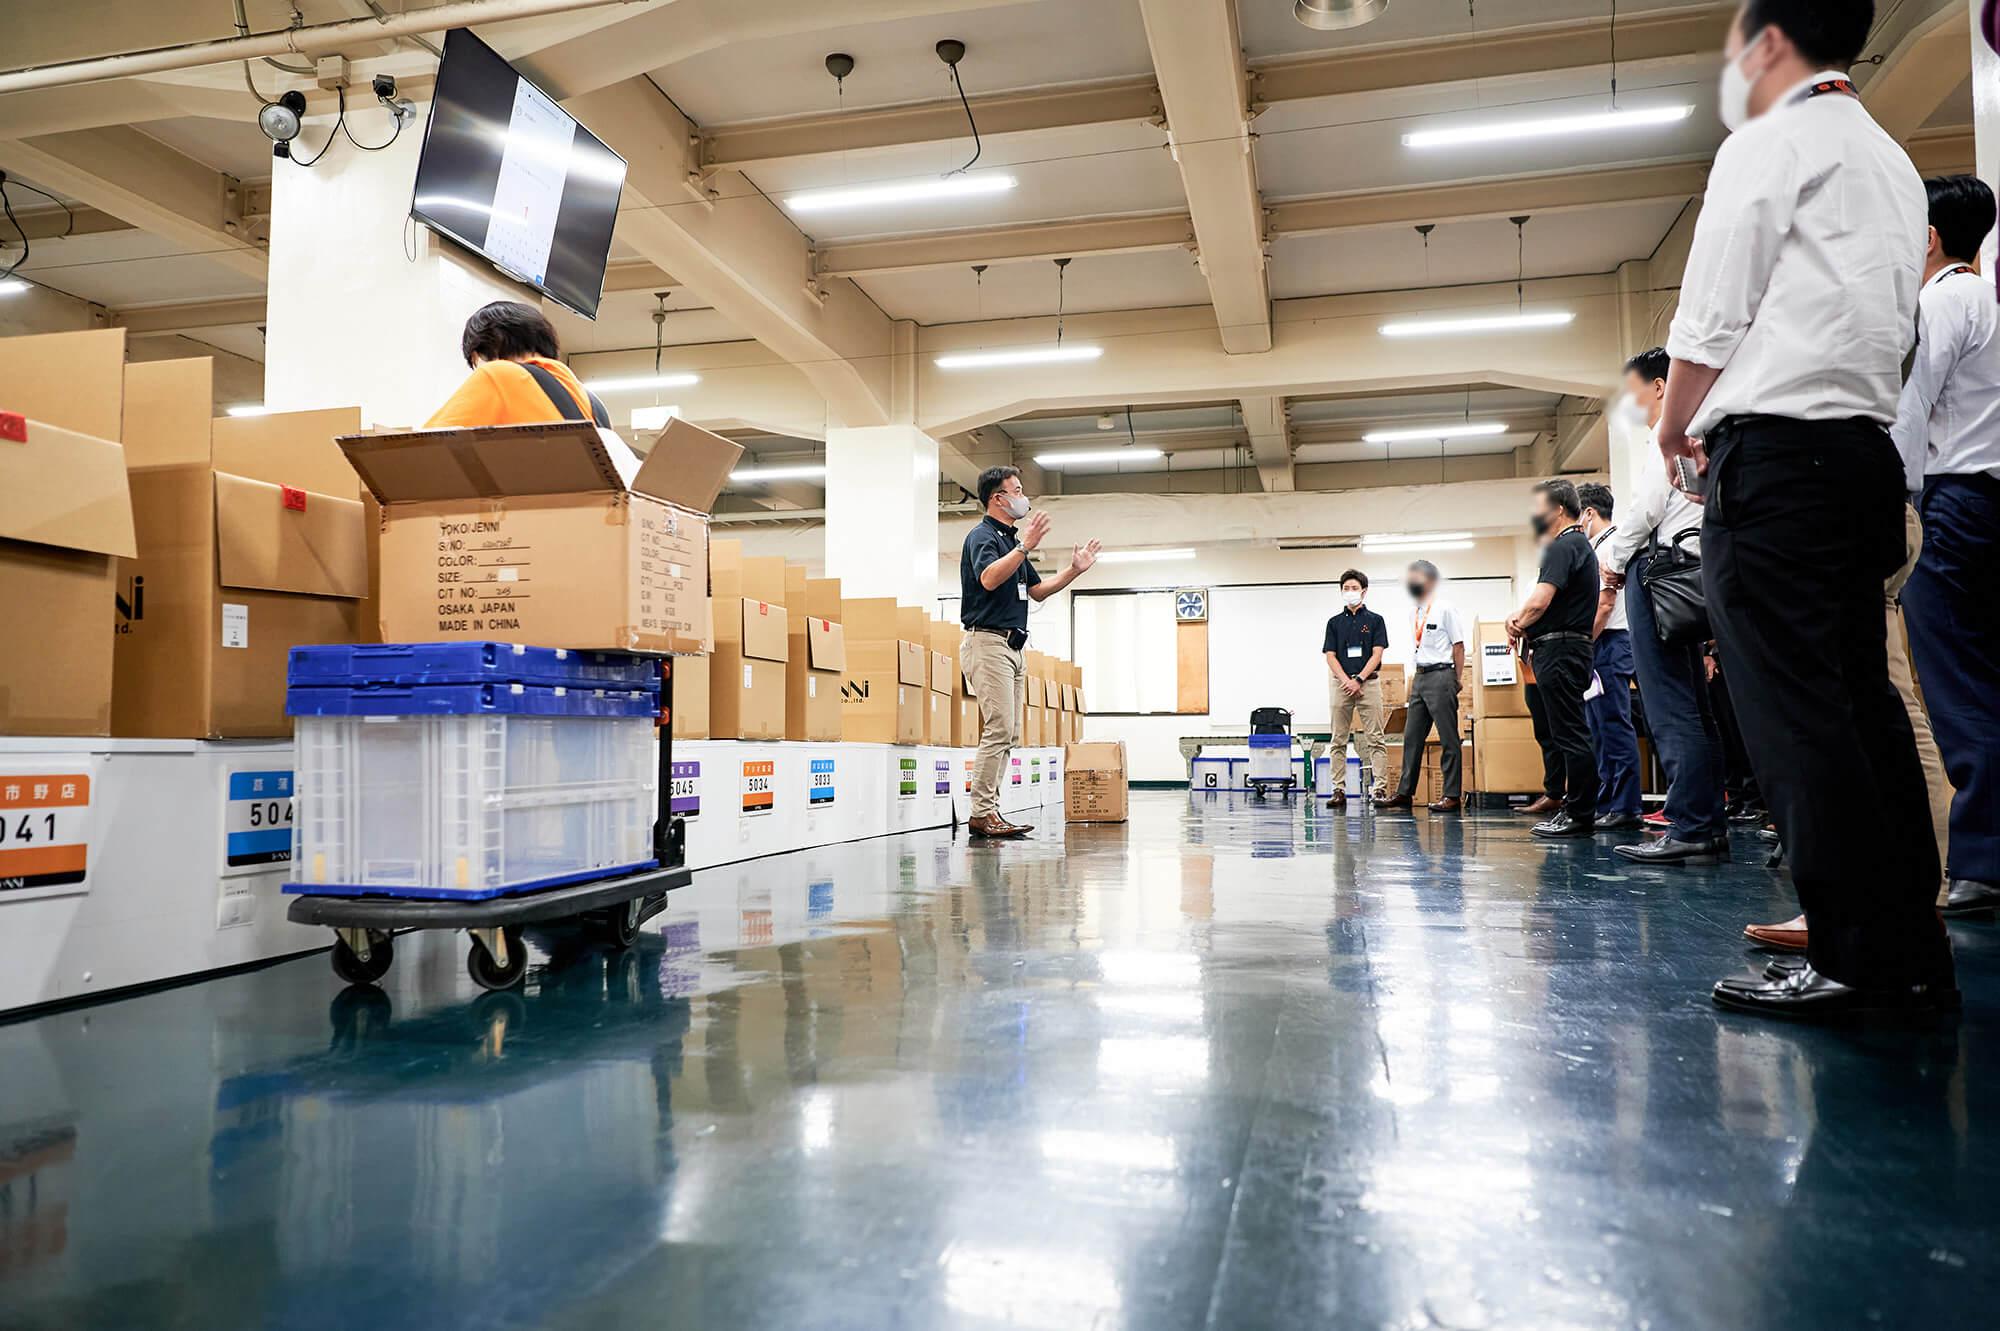 倉庫内の開けたスペースにて、大勢のお客様を前に説明をしているスタッフの様子